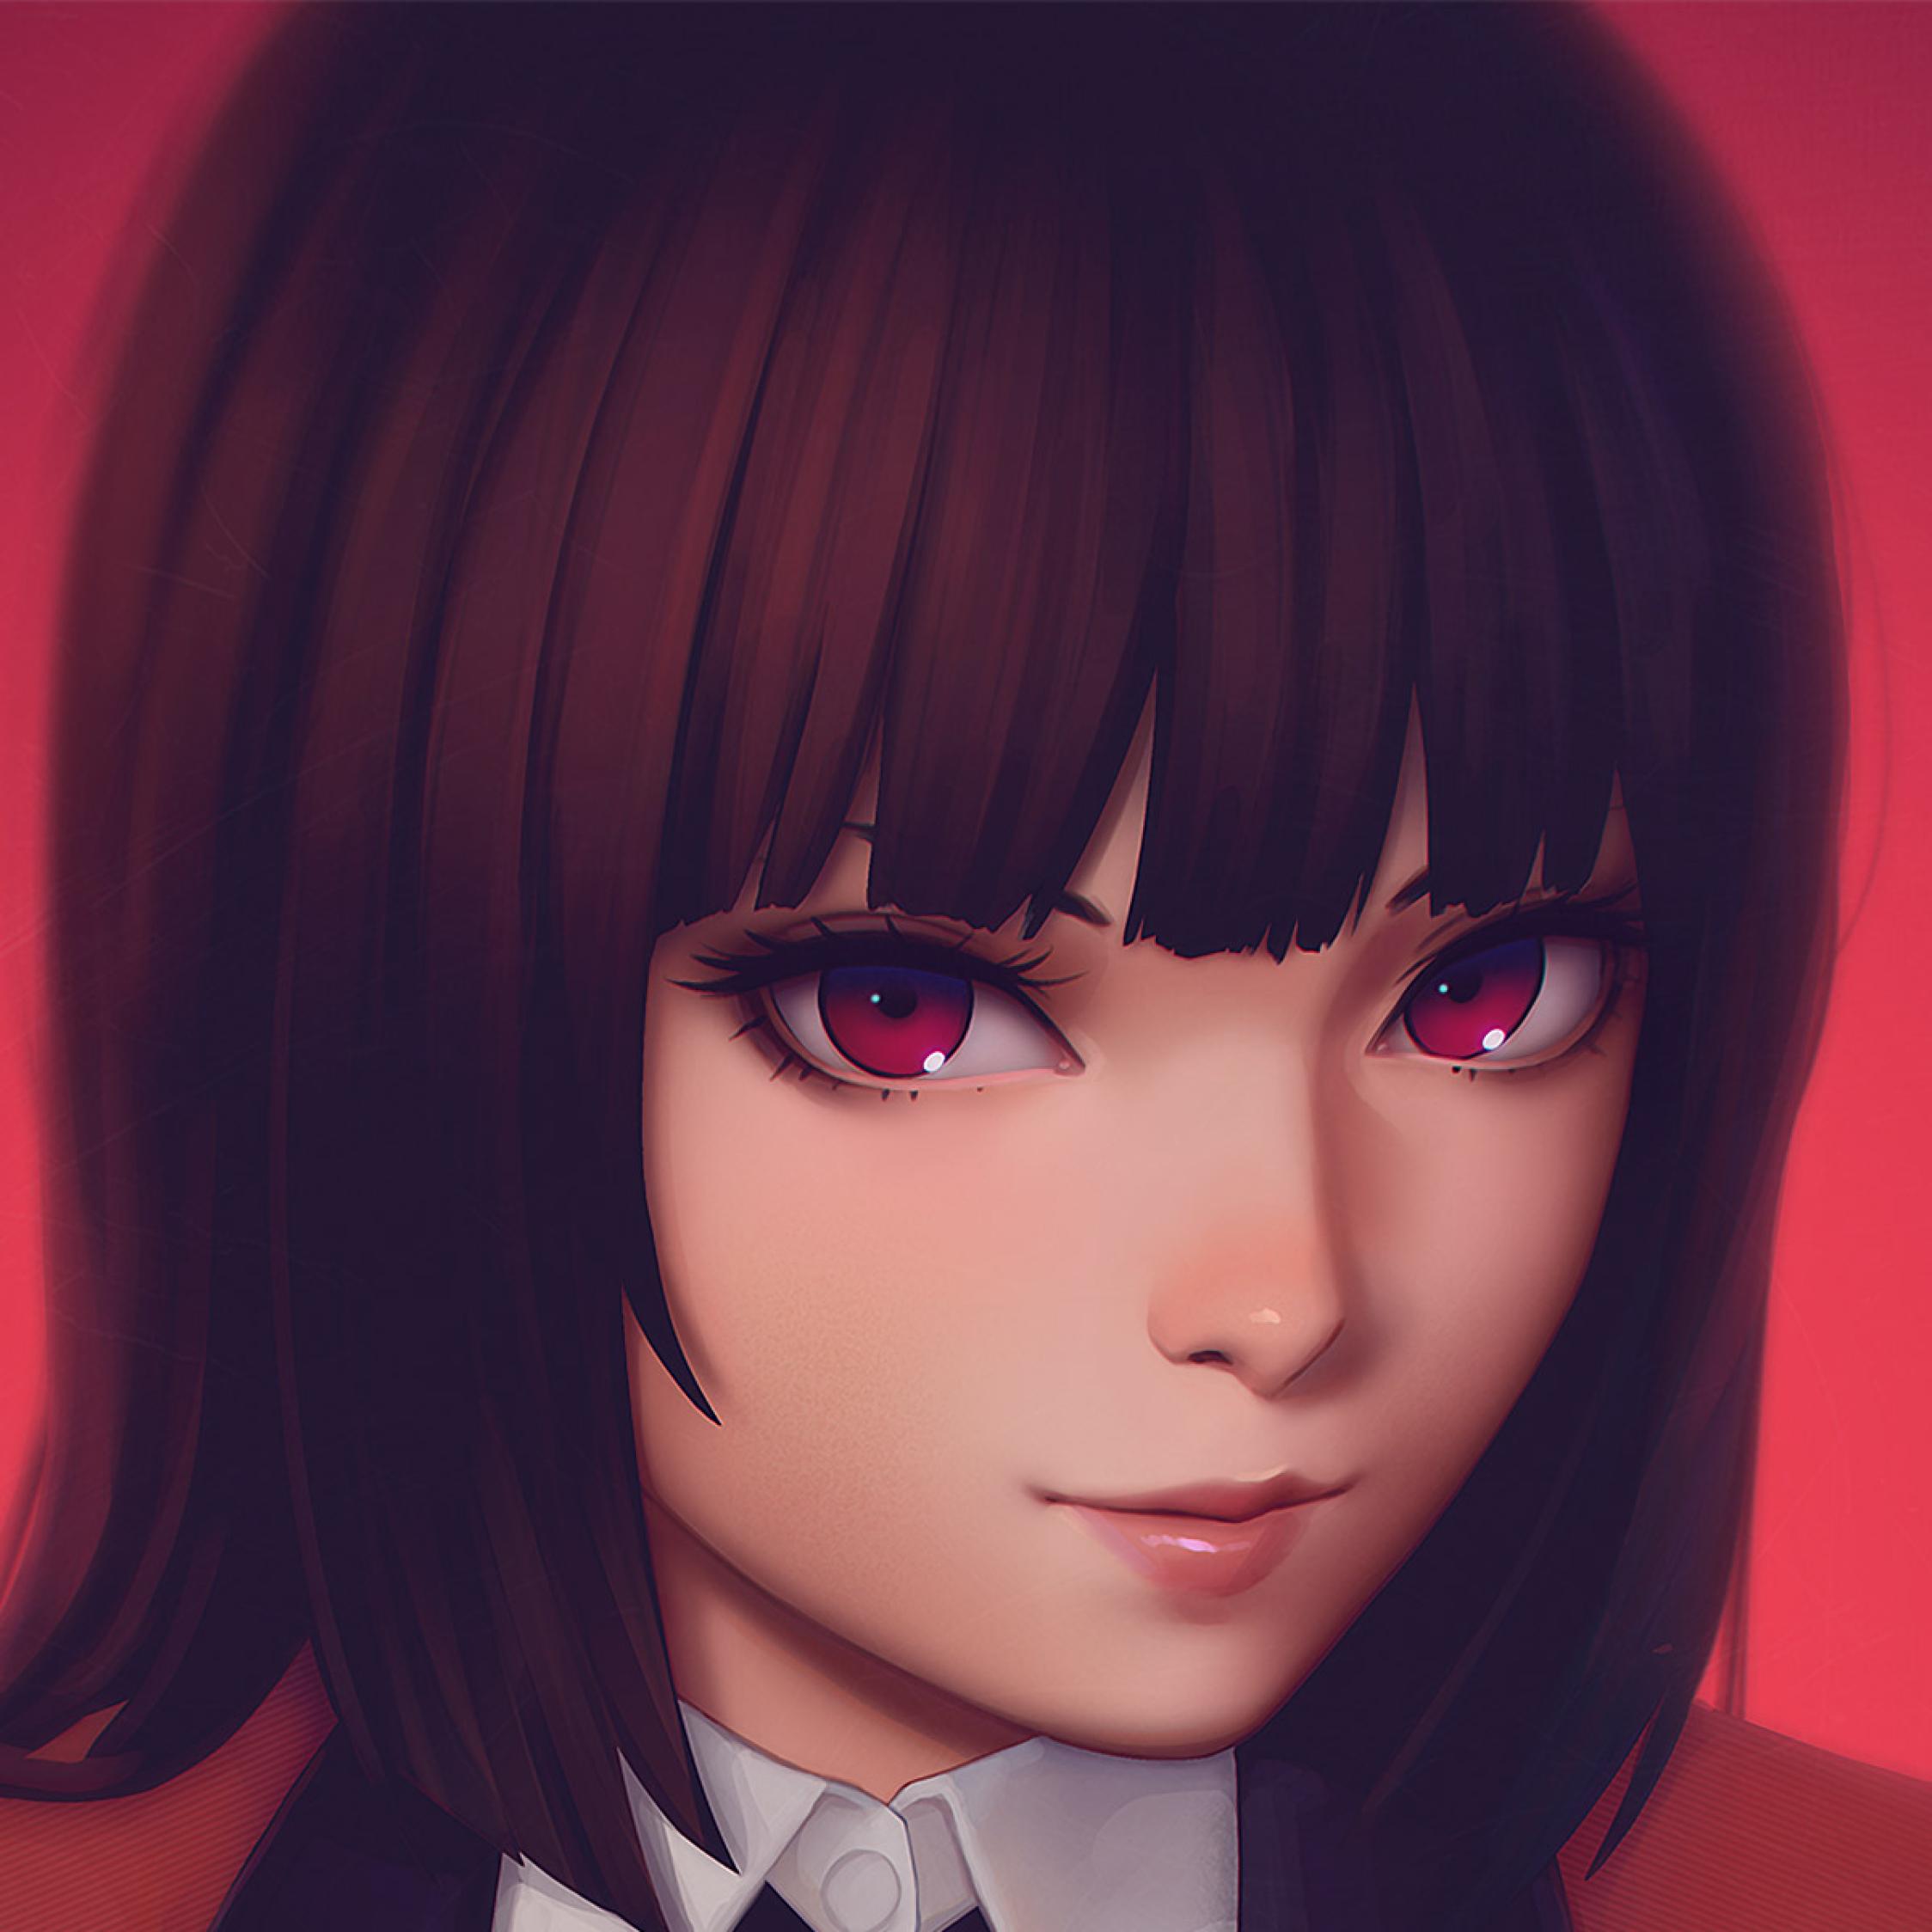 Anime Girl Wallpaper Download: Kakegurui Jabami Yumeko Anime Girl, Full HD Wallpaper